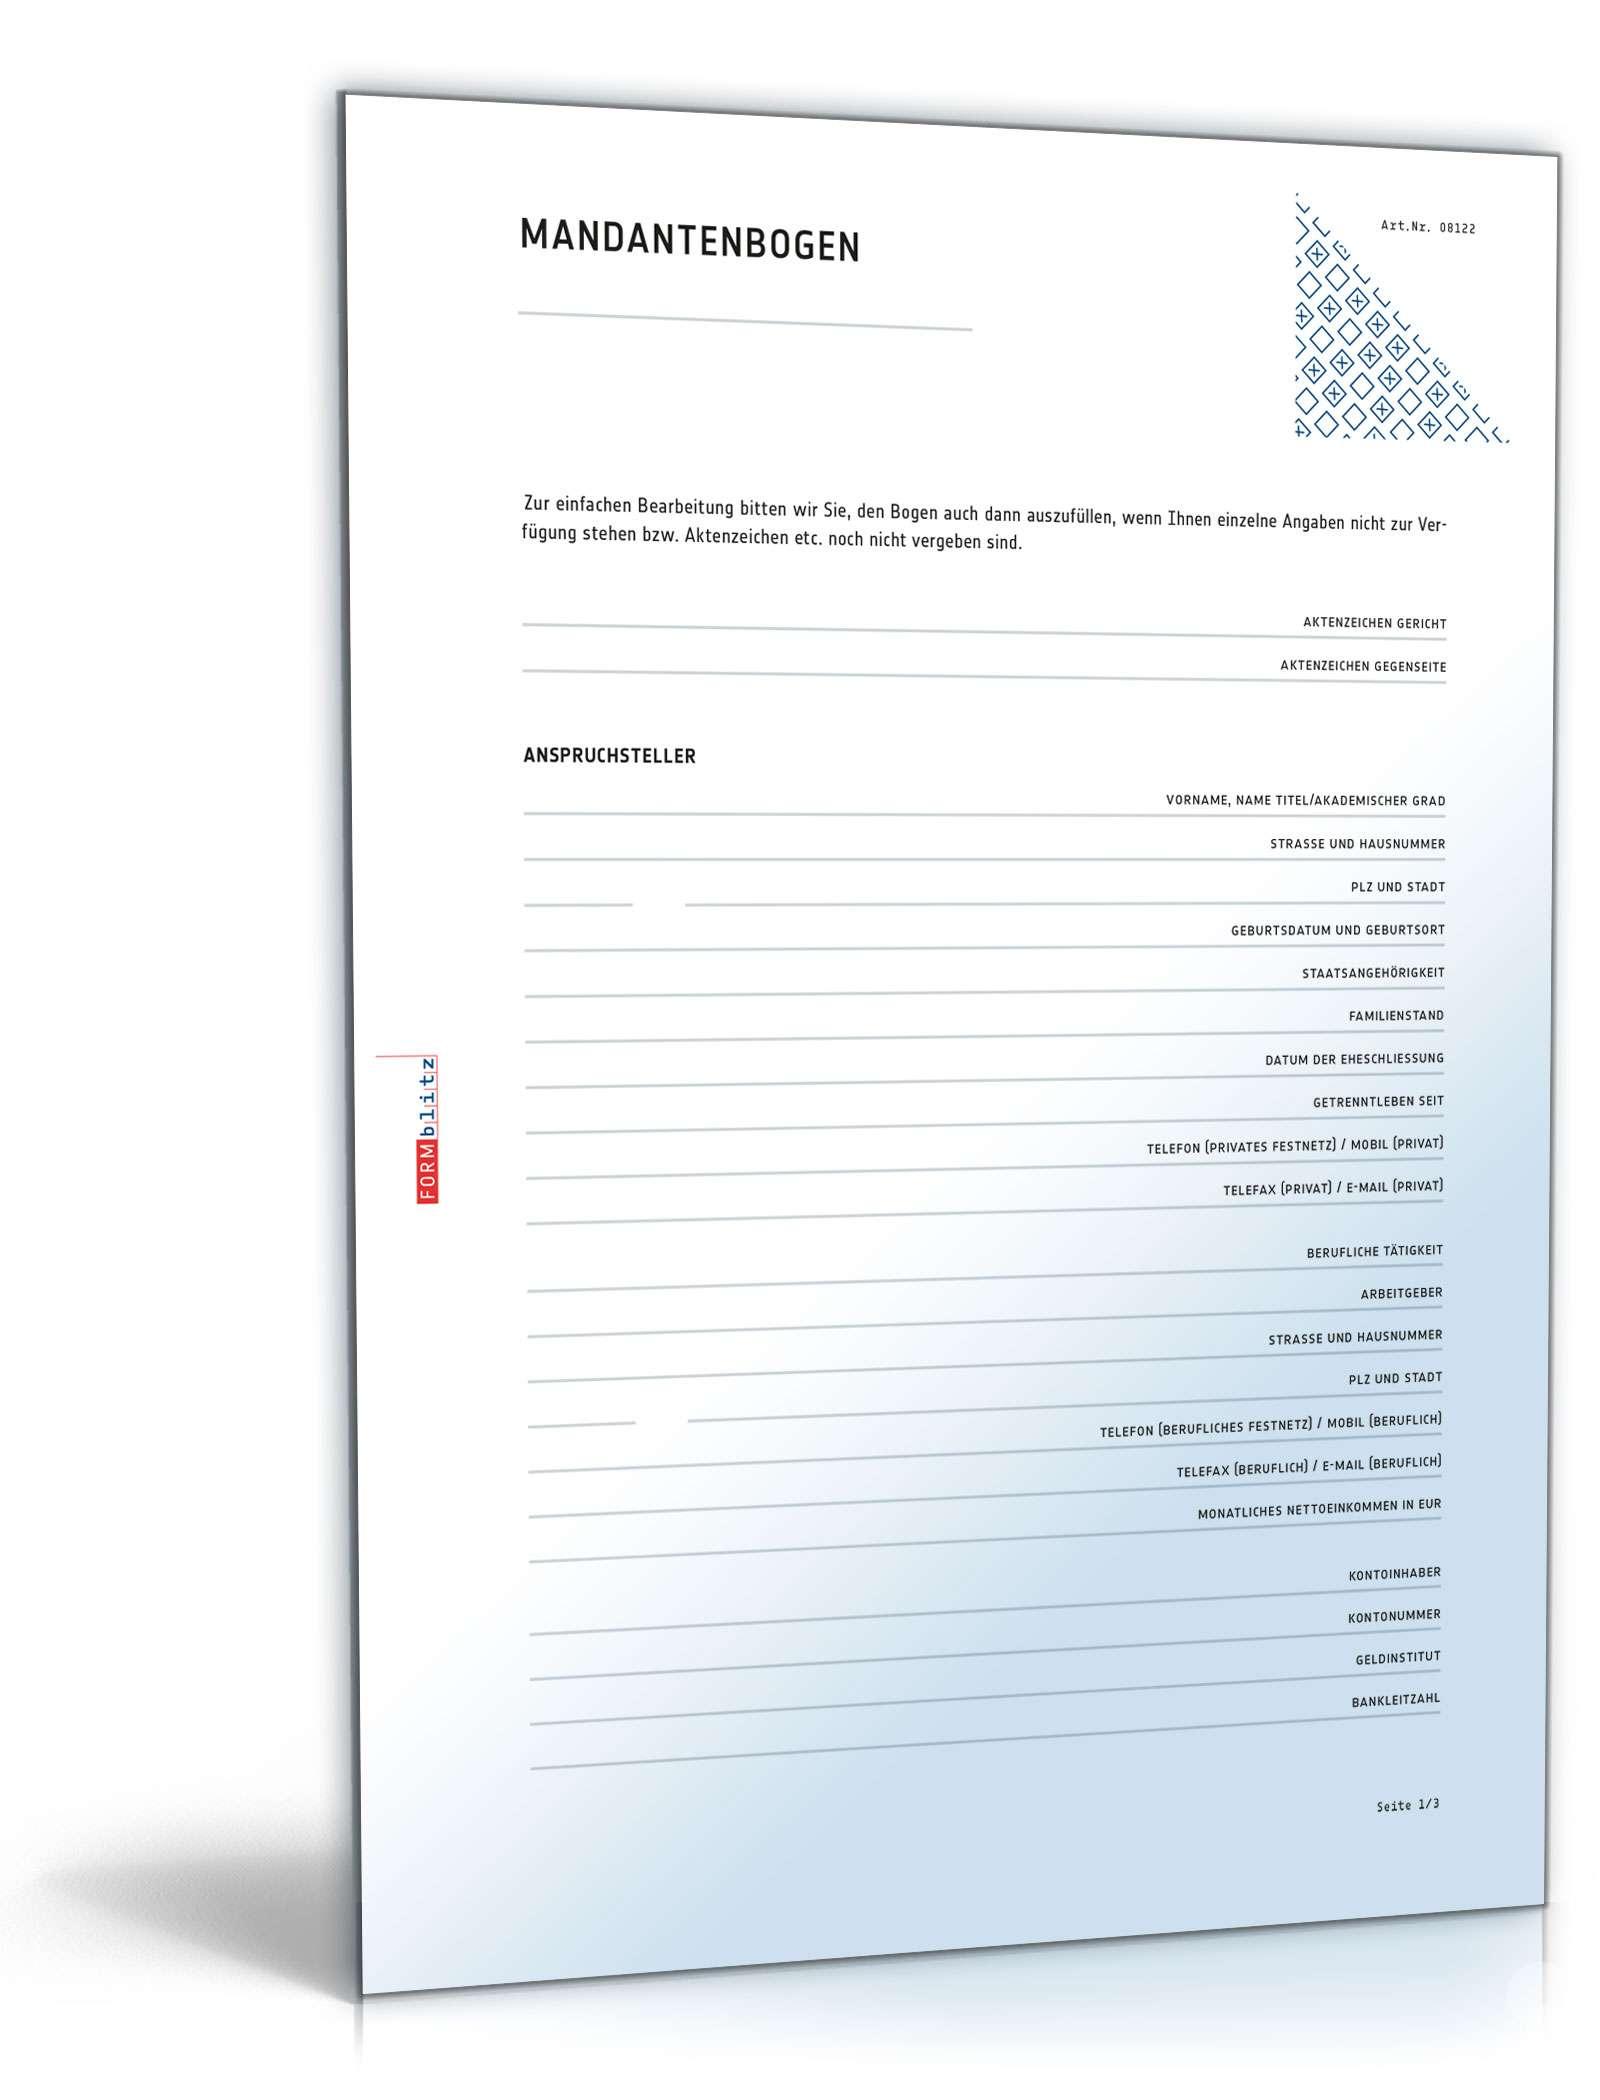 Mandantenbogen für Ehe- und Familiensachen Dokument zum Download